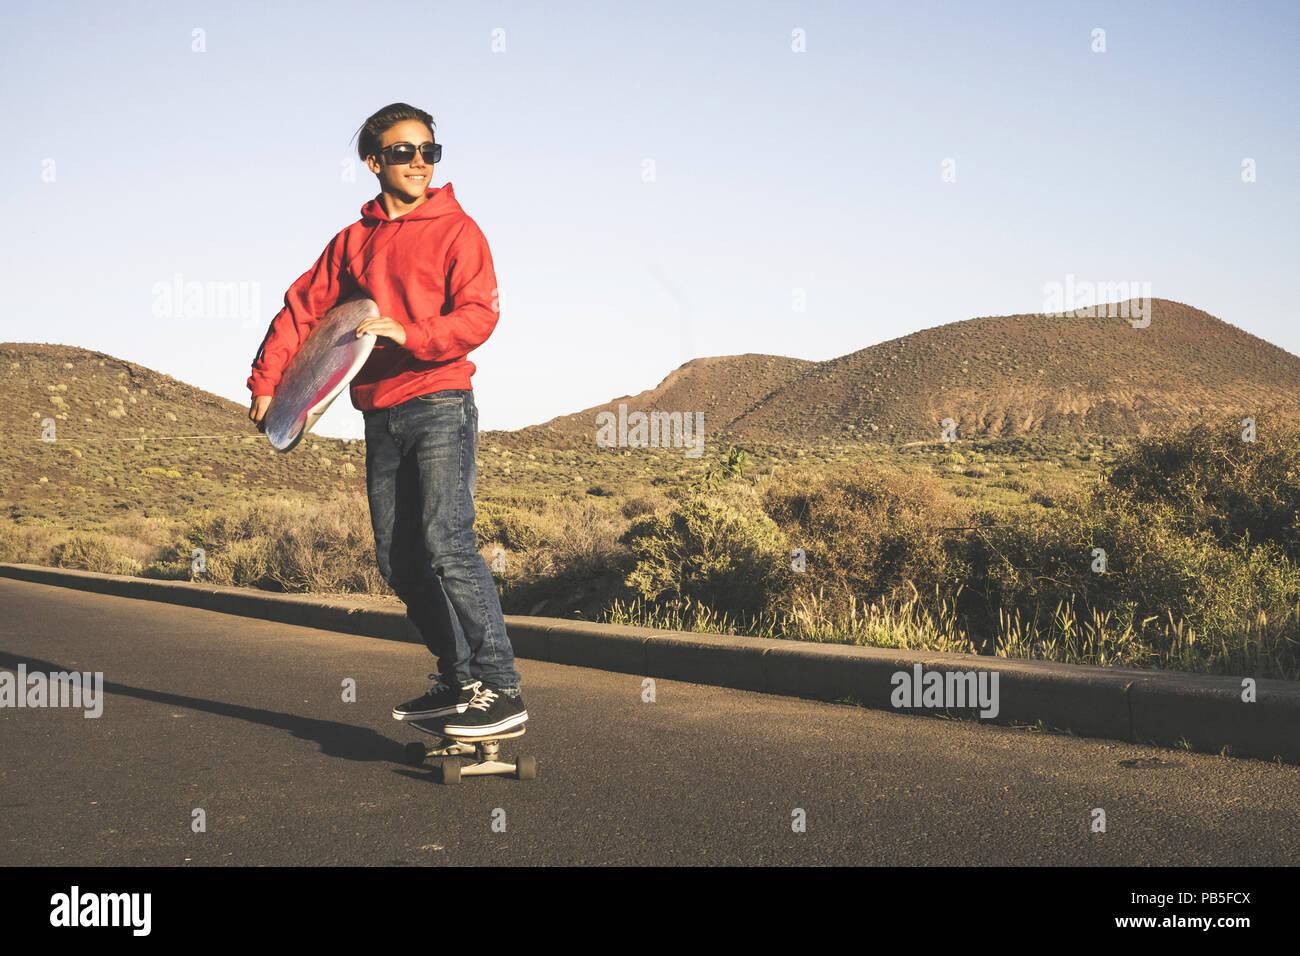 Bella giovane adolescente di sesso maschile andare in spiaggia con lo skateboard che porta una tavola da surf per l'attività dell'acqua in estate. Tempo libero per Nizza peo Immagini Stock